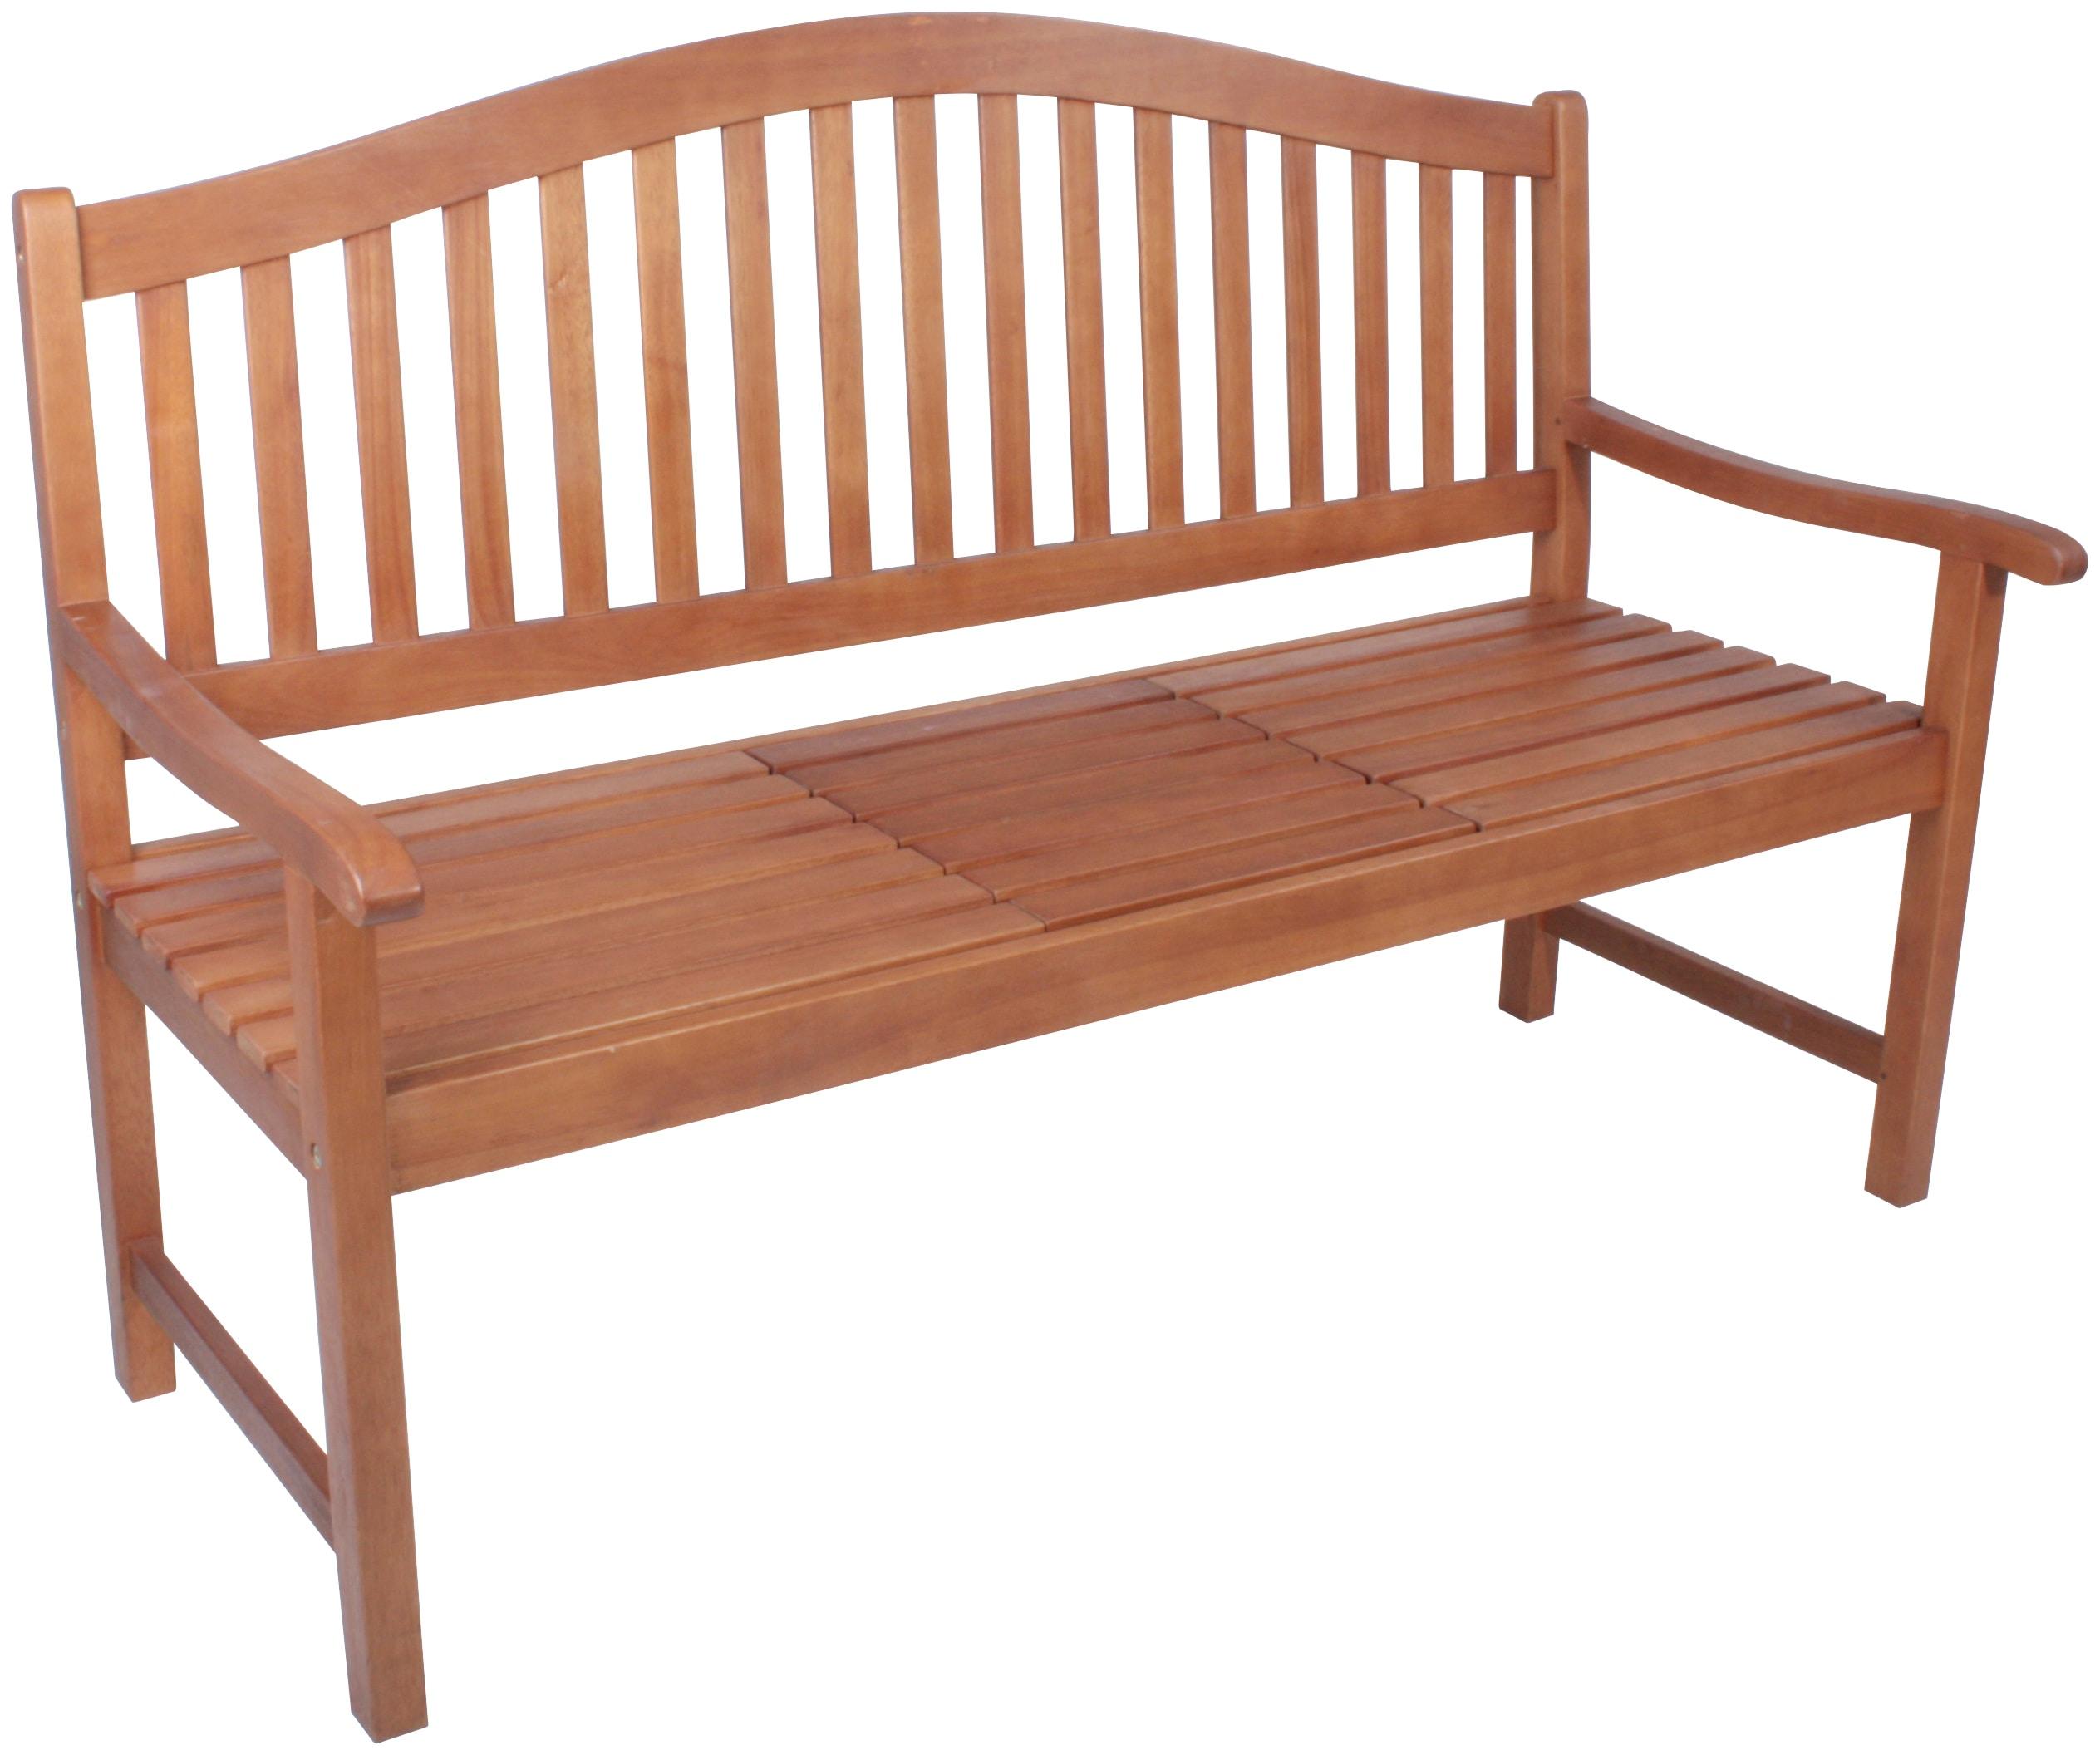 GARDEN PLEASURE Gartenbank PHUKET Eukalyptus 150x105x63 cm braun